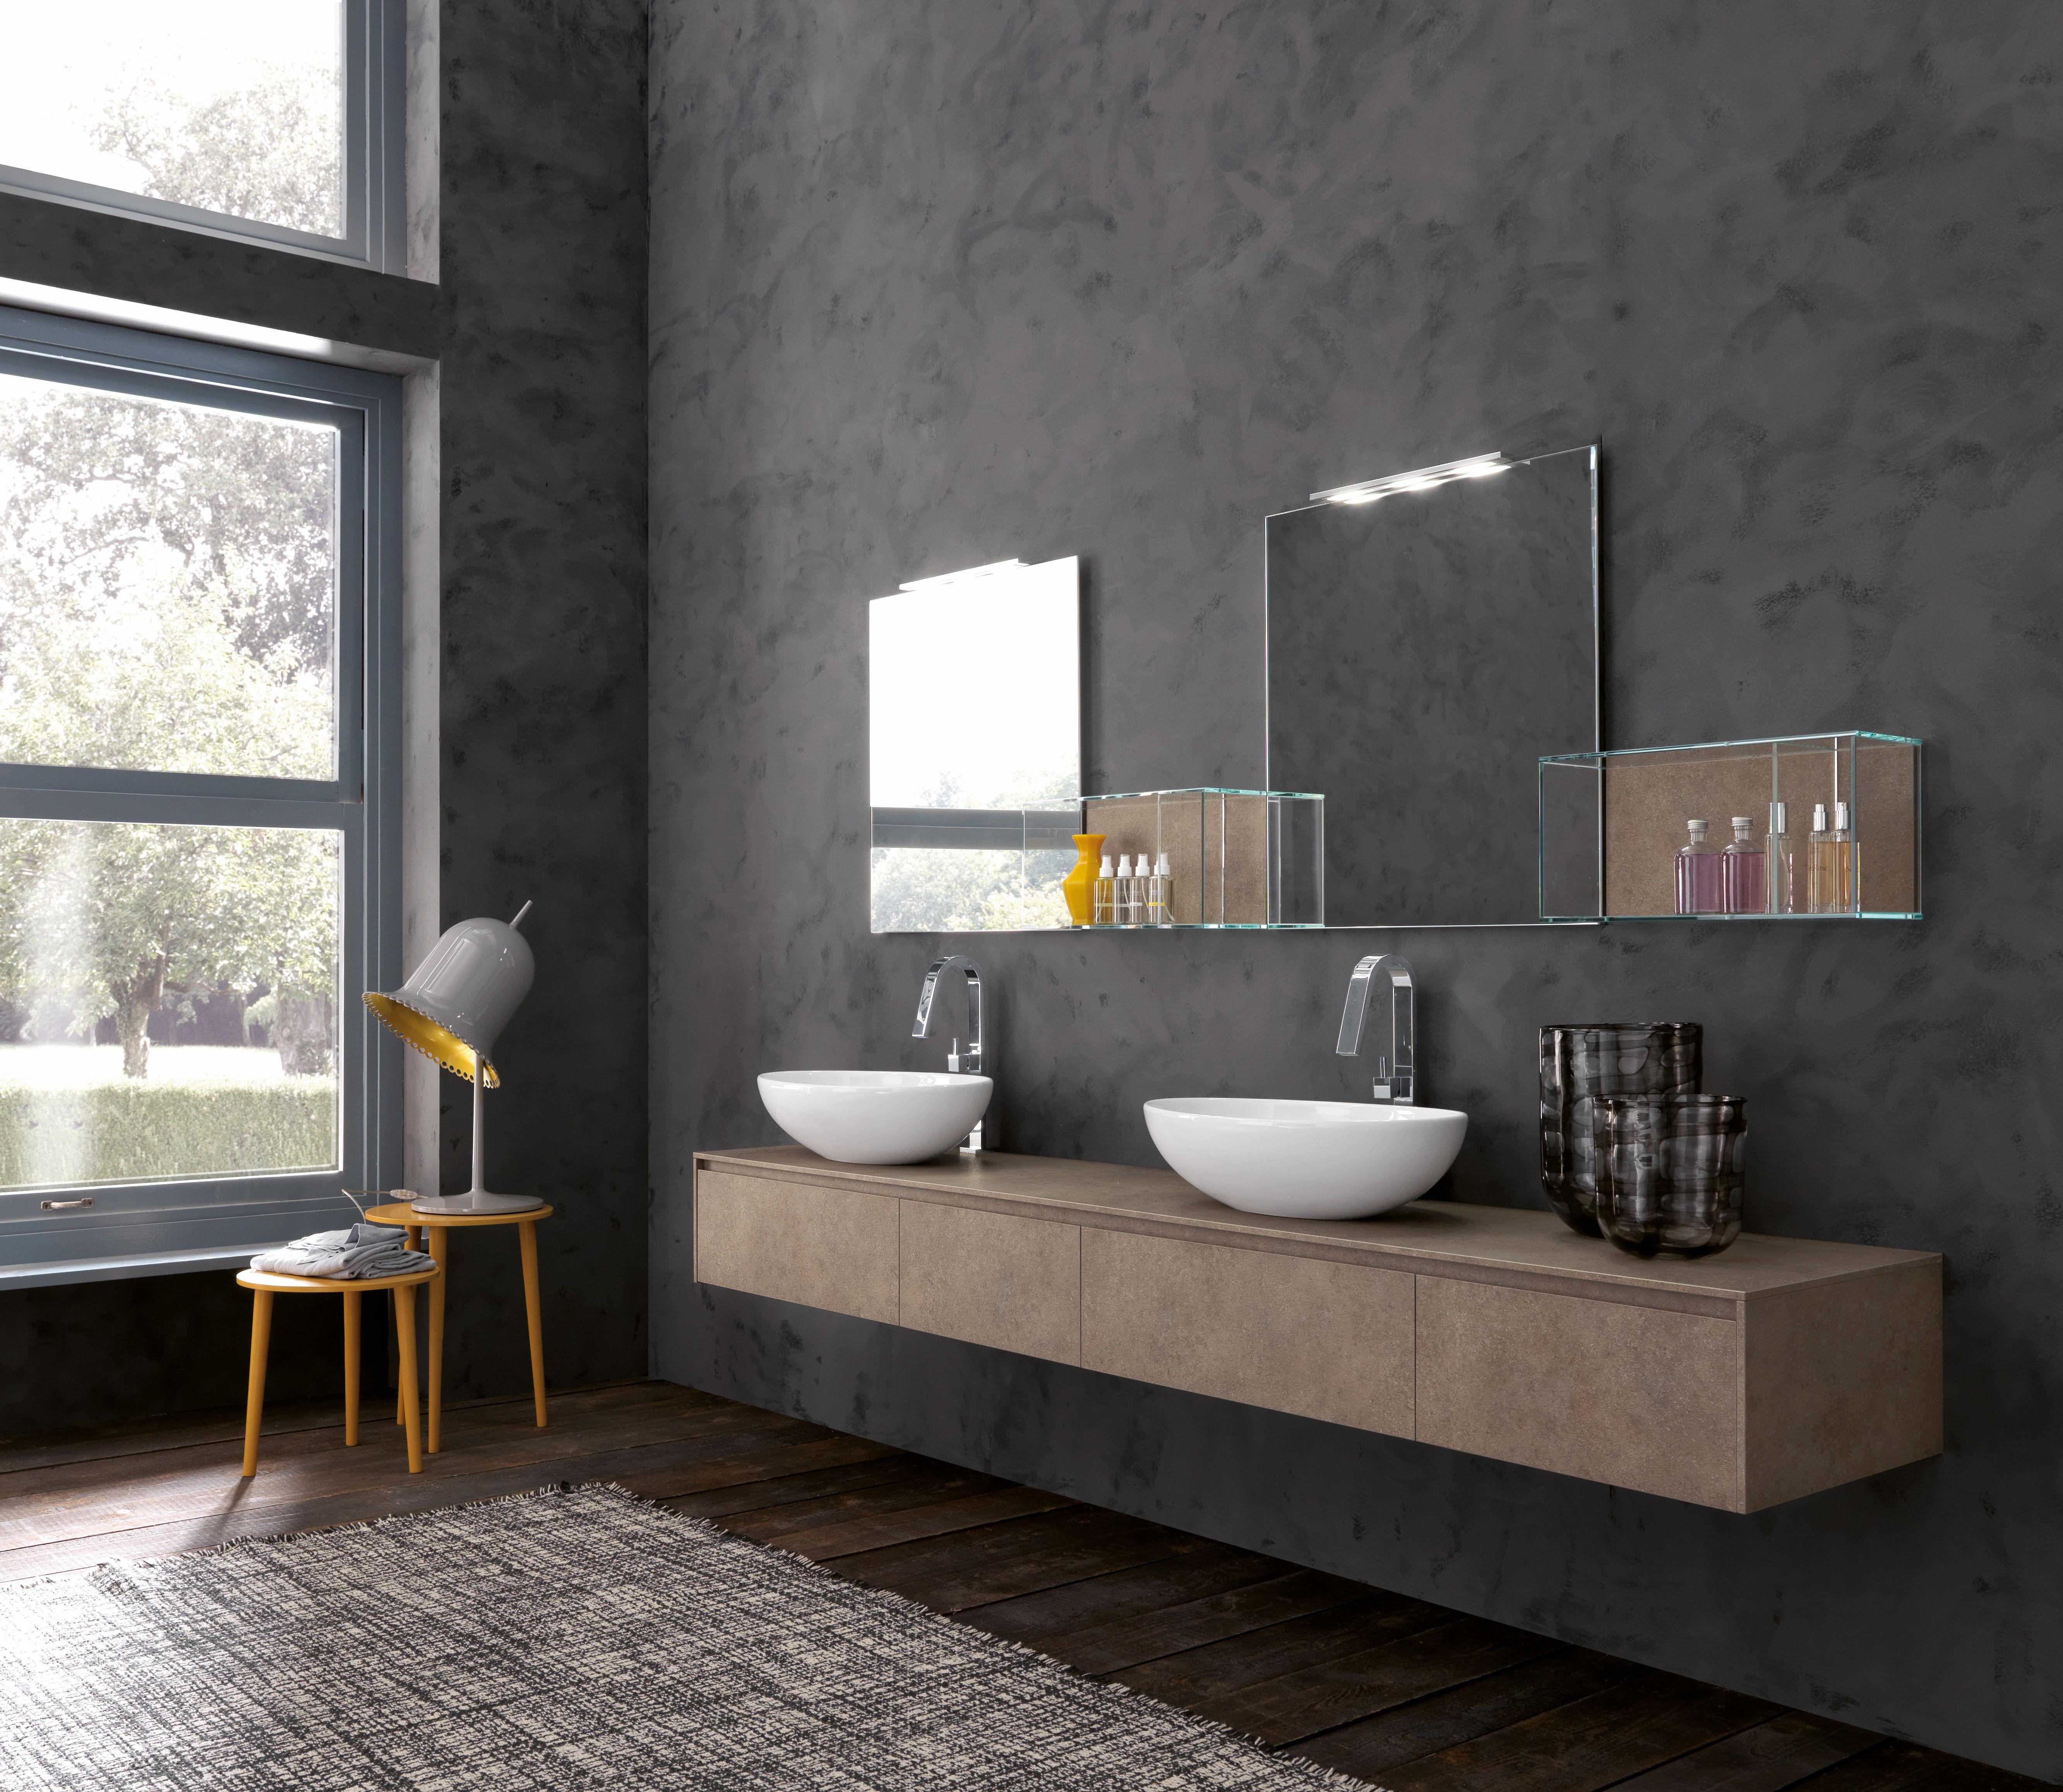 Tulle Modern Bathroom Sink Cabinets Design Modern Bathroom Custom Bathroom Cabinets Modern Bathroom Sink